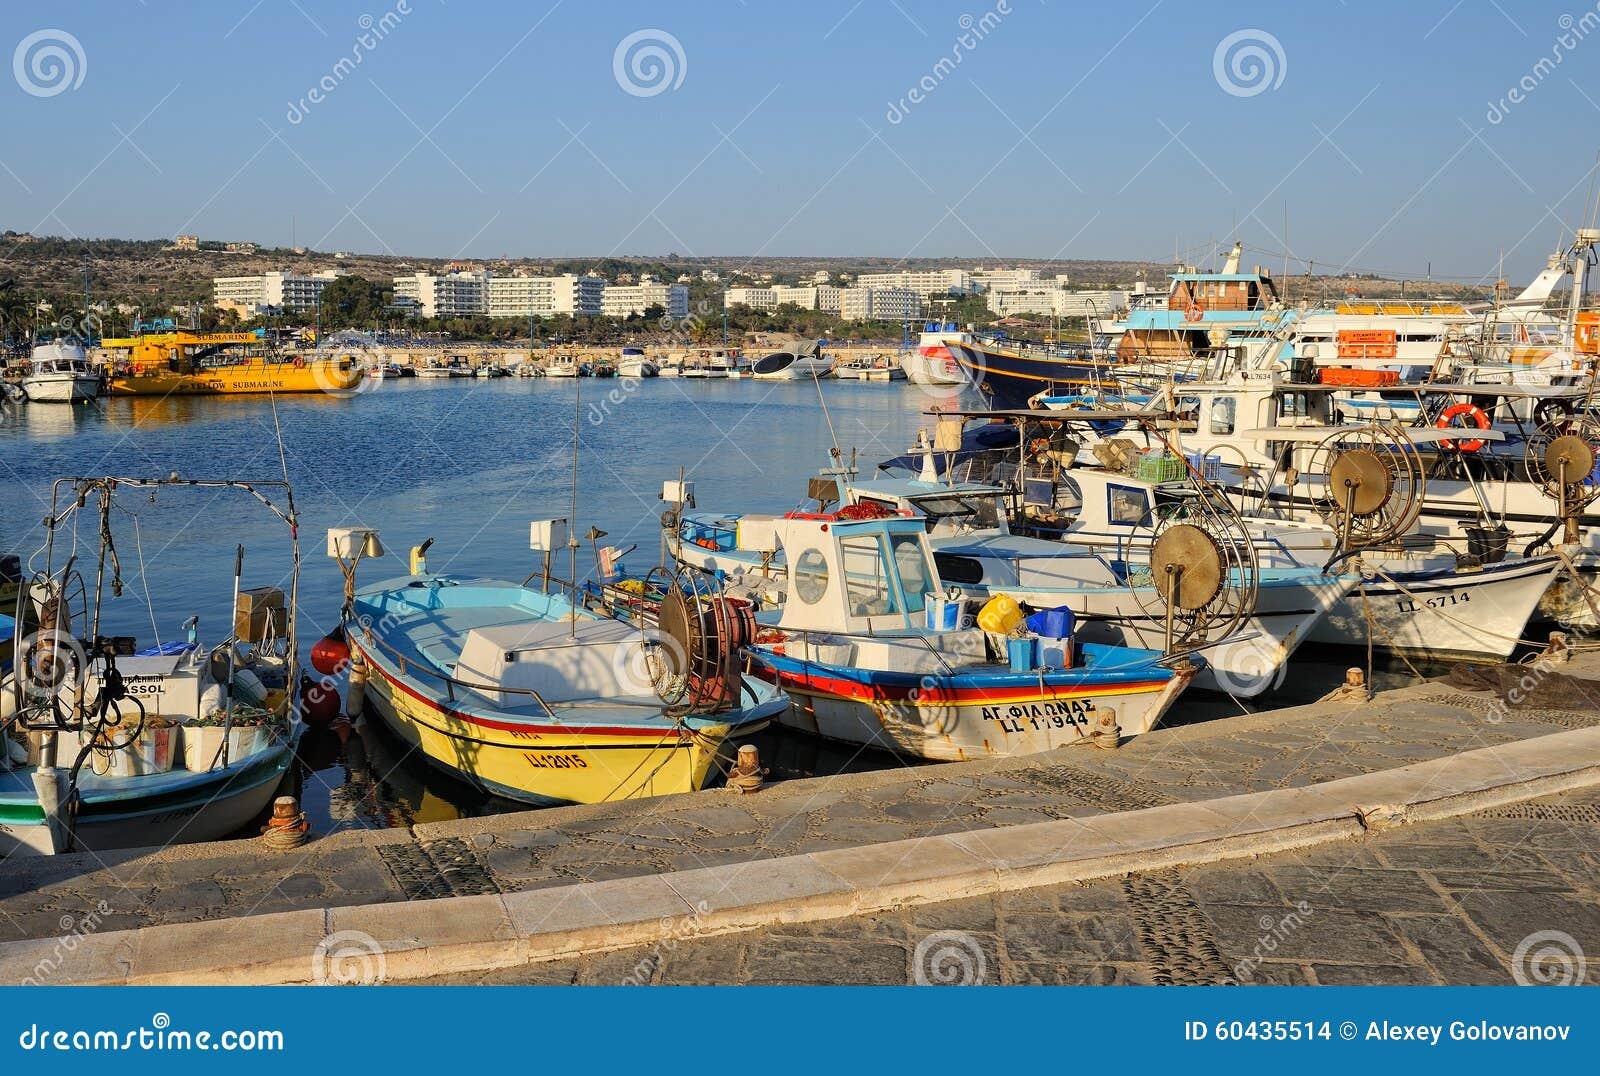 Boats and yachts, Ayia Napa, Cyprus